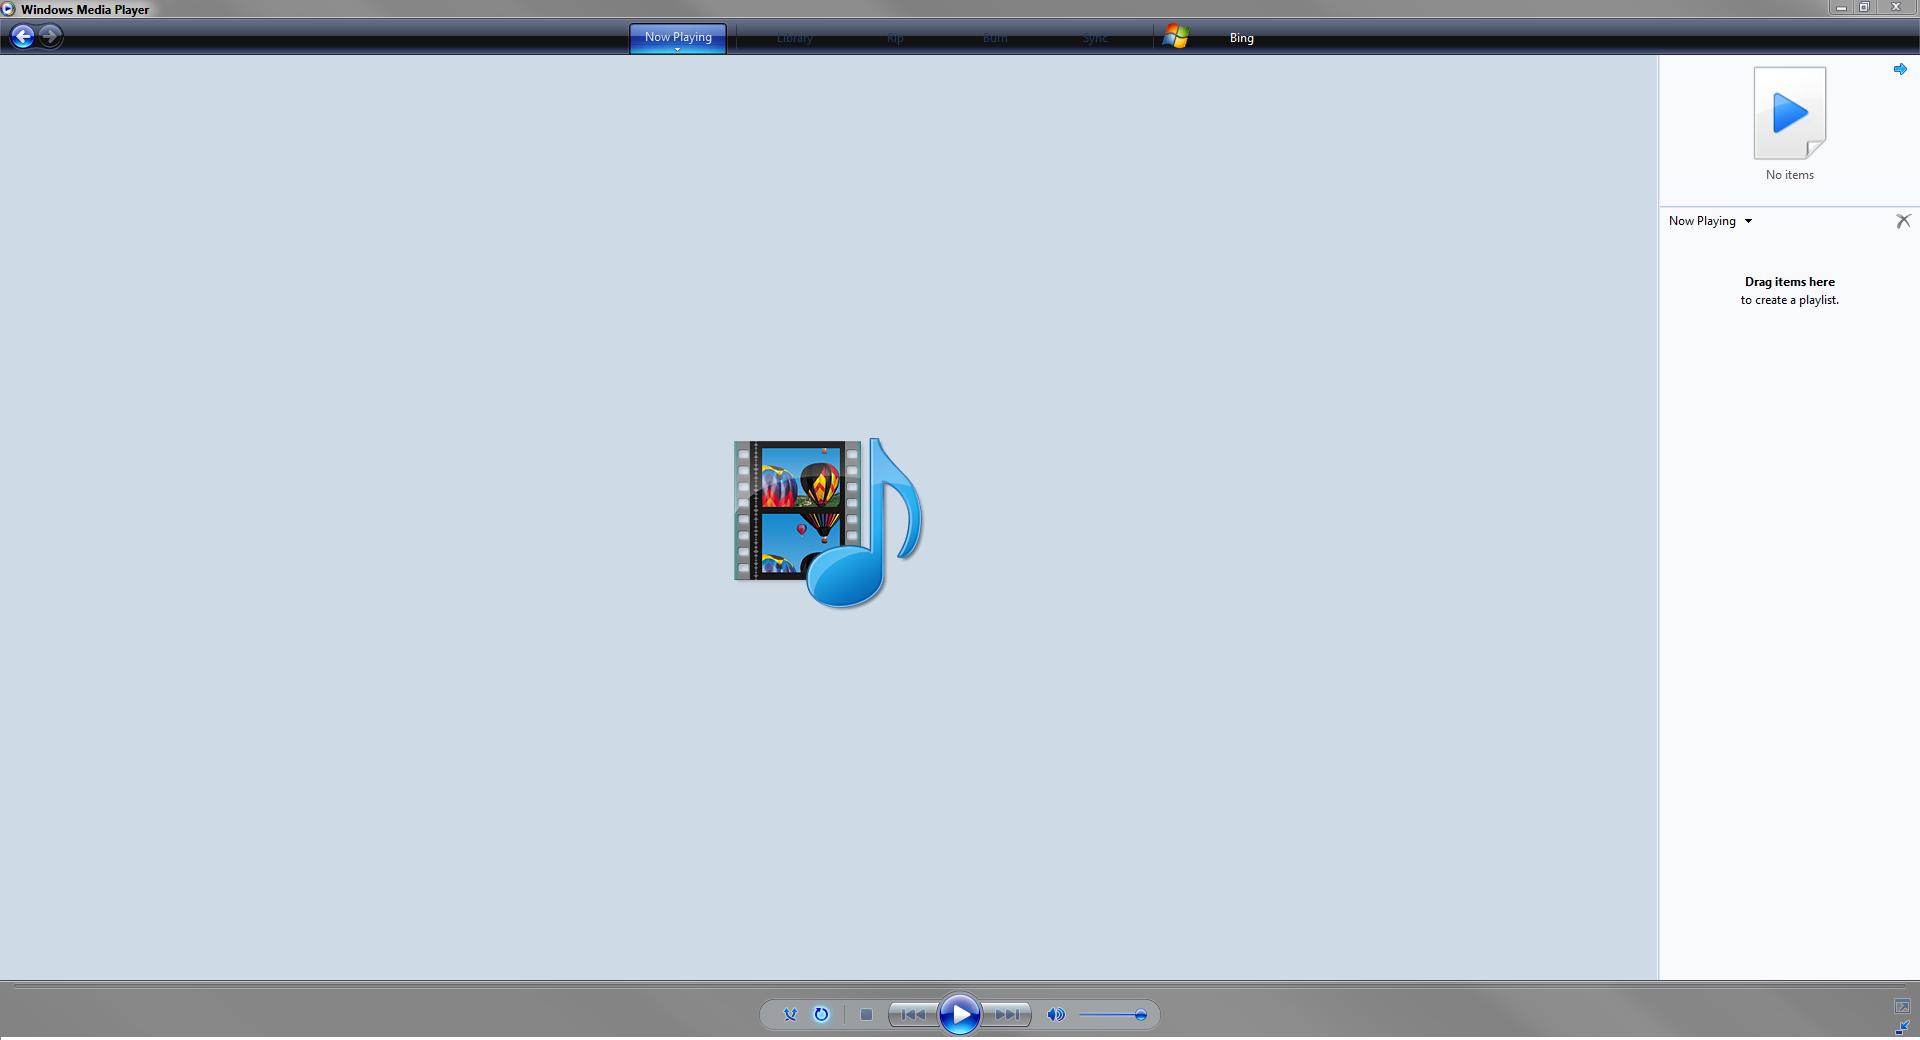 WMP11 win 7 vista version